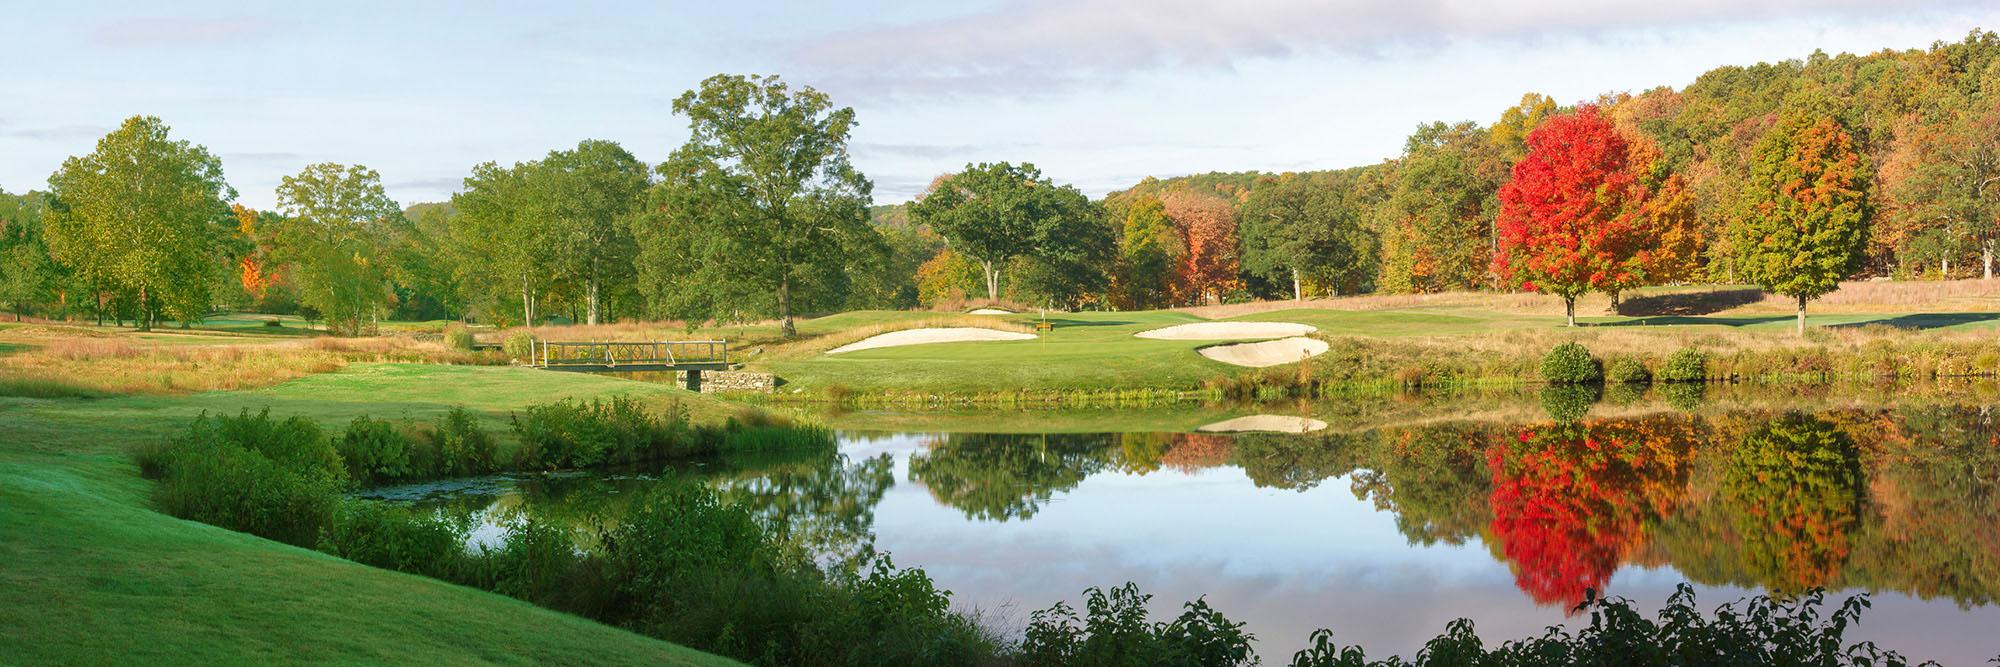 Golf Course Image - The Tuxedo Club No. 17